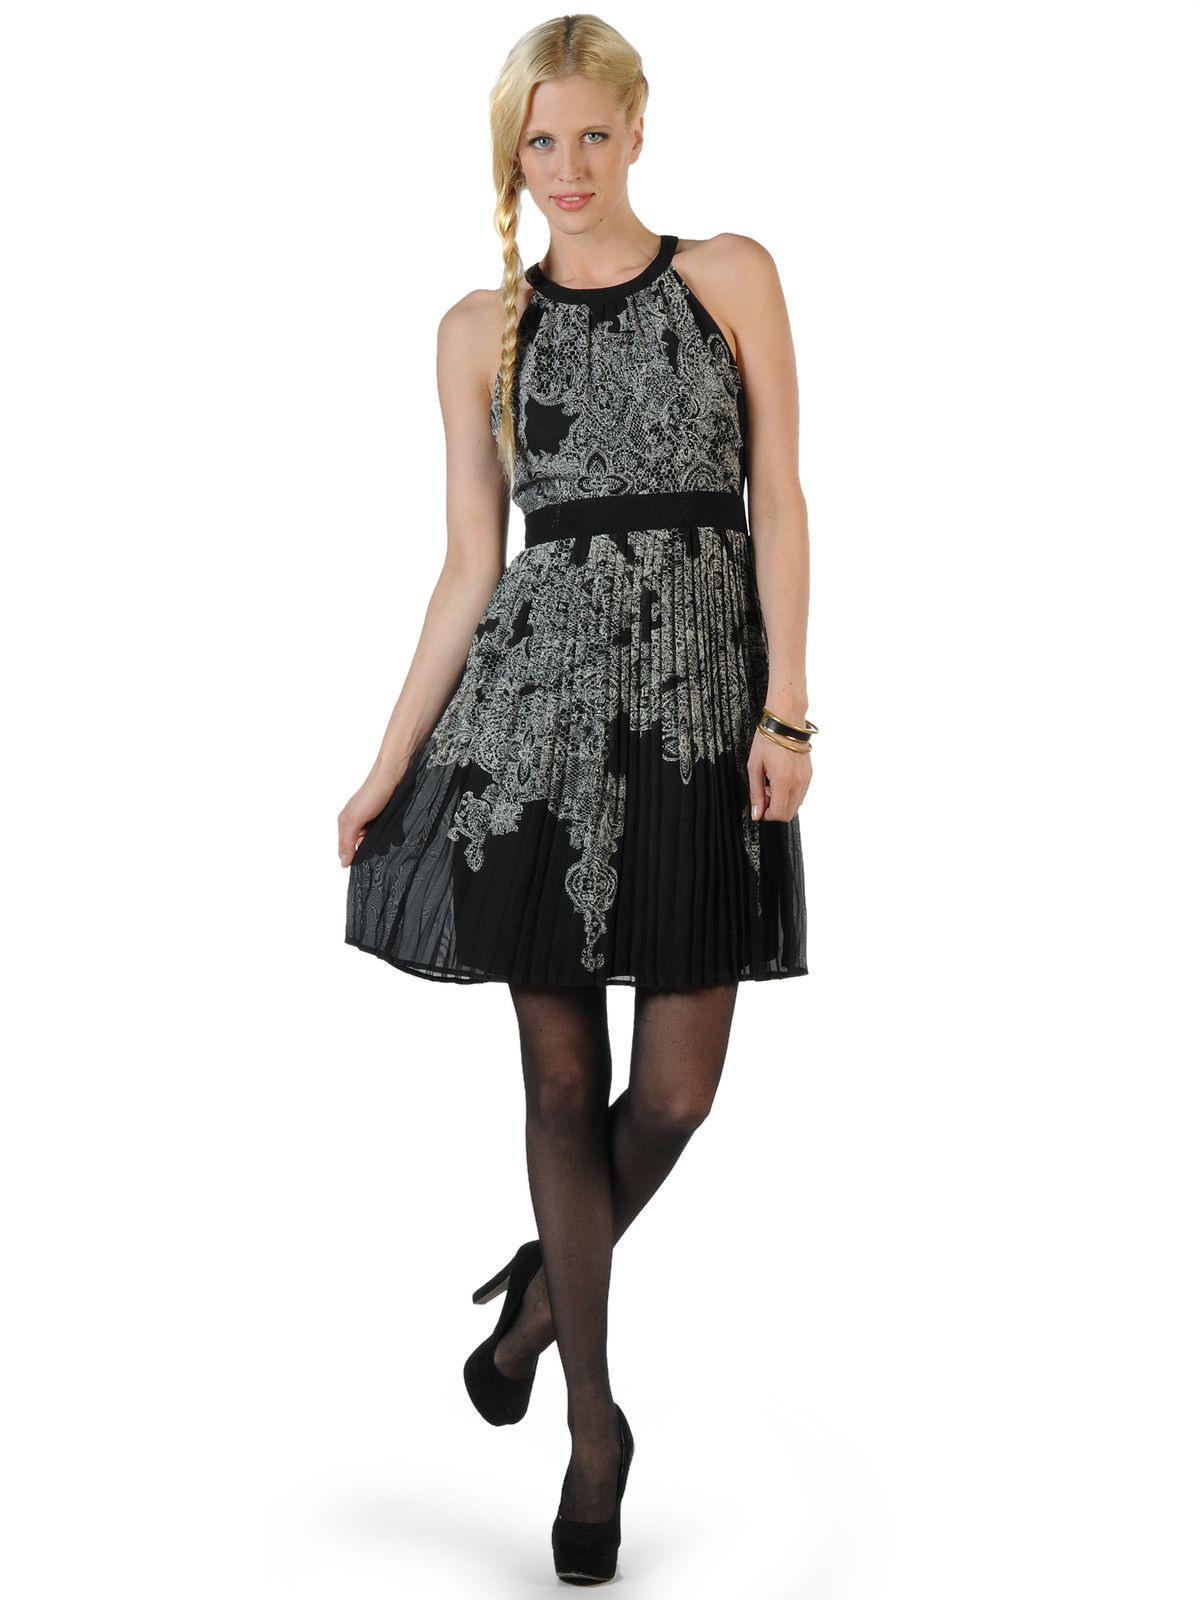 20 Großartig Schöne Kleider Online Kaufen Bester Preis20 Kreativ Schöne Kleider Online Kaufen Galerie